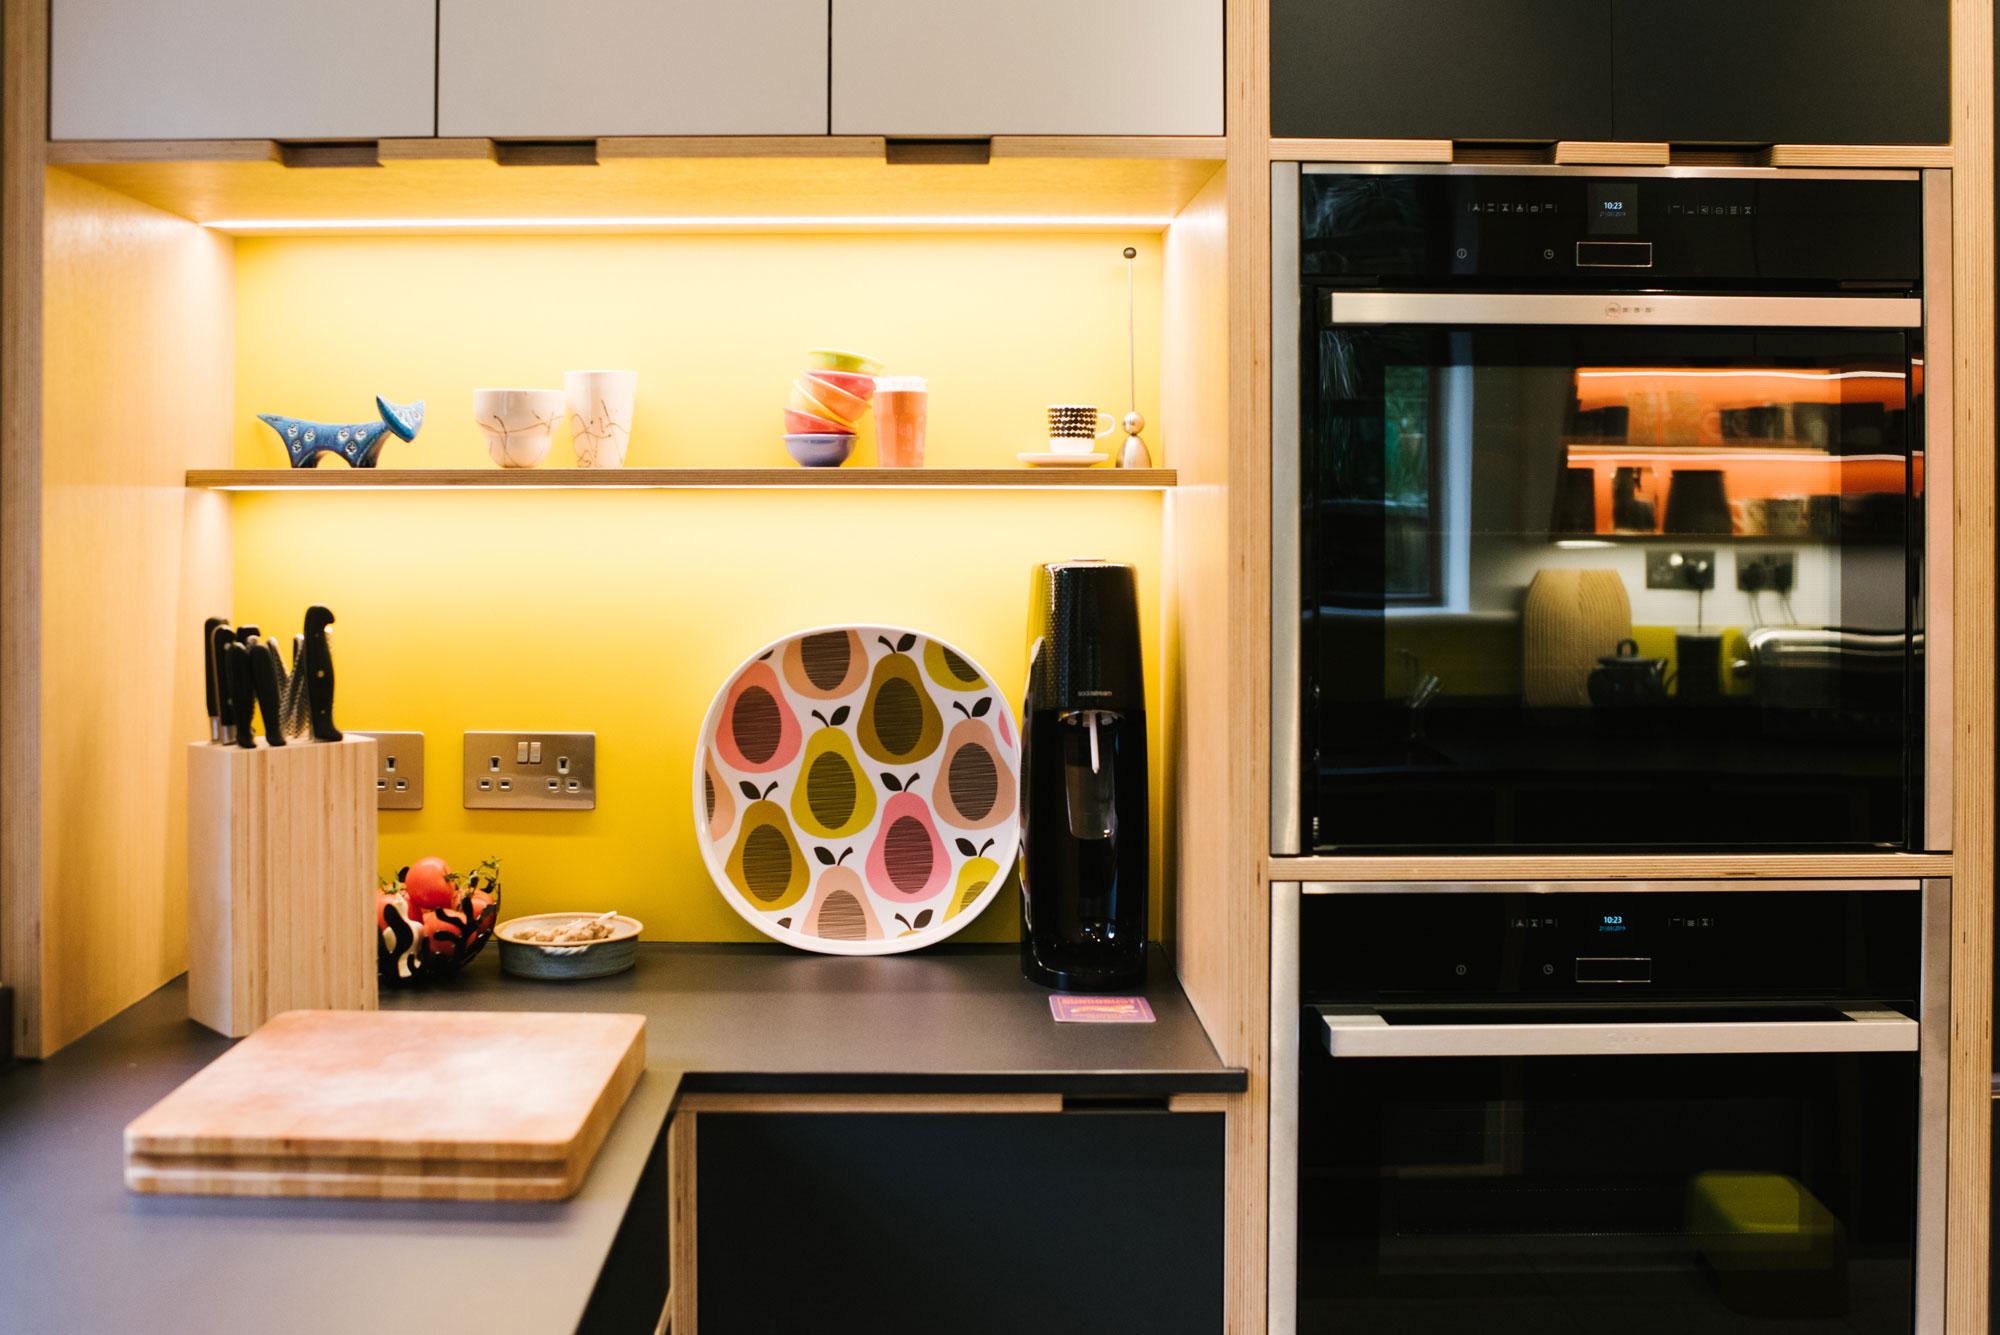 Illuminated Shelving of Black Plywood Kitchen with Yellow Splashback